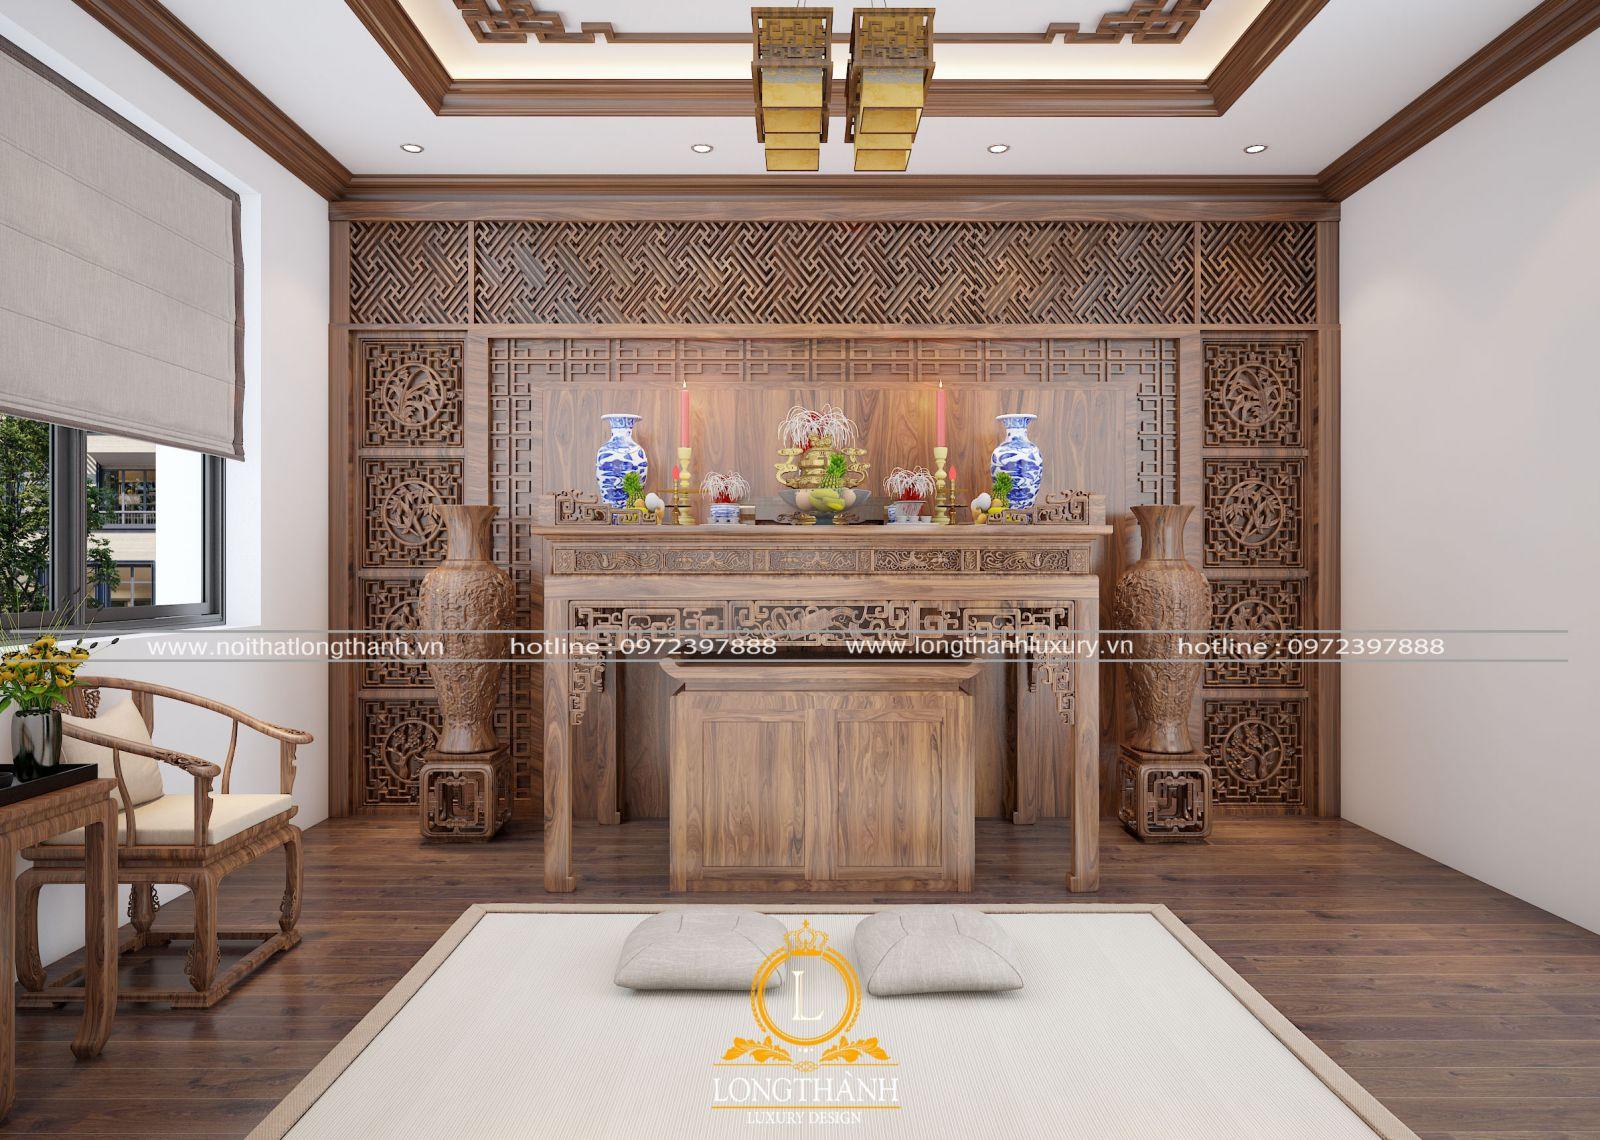 Không gian nội thất phòng thờ biệt thự đẹp, sang trọng với gỗ tự nhiên